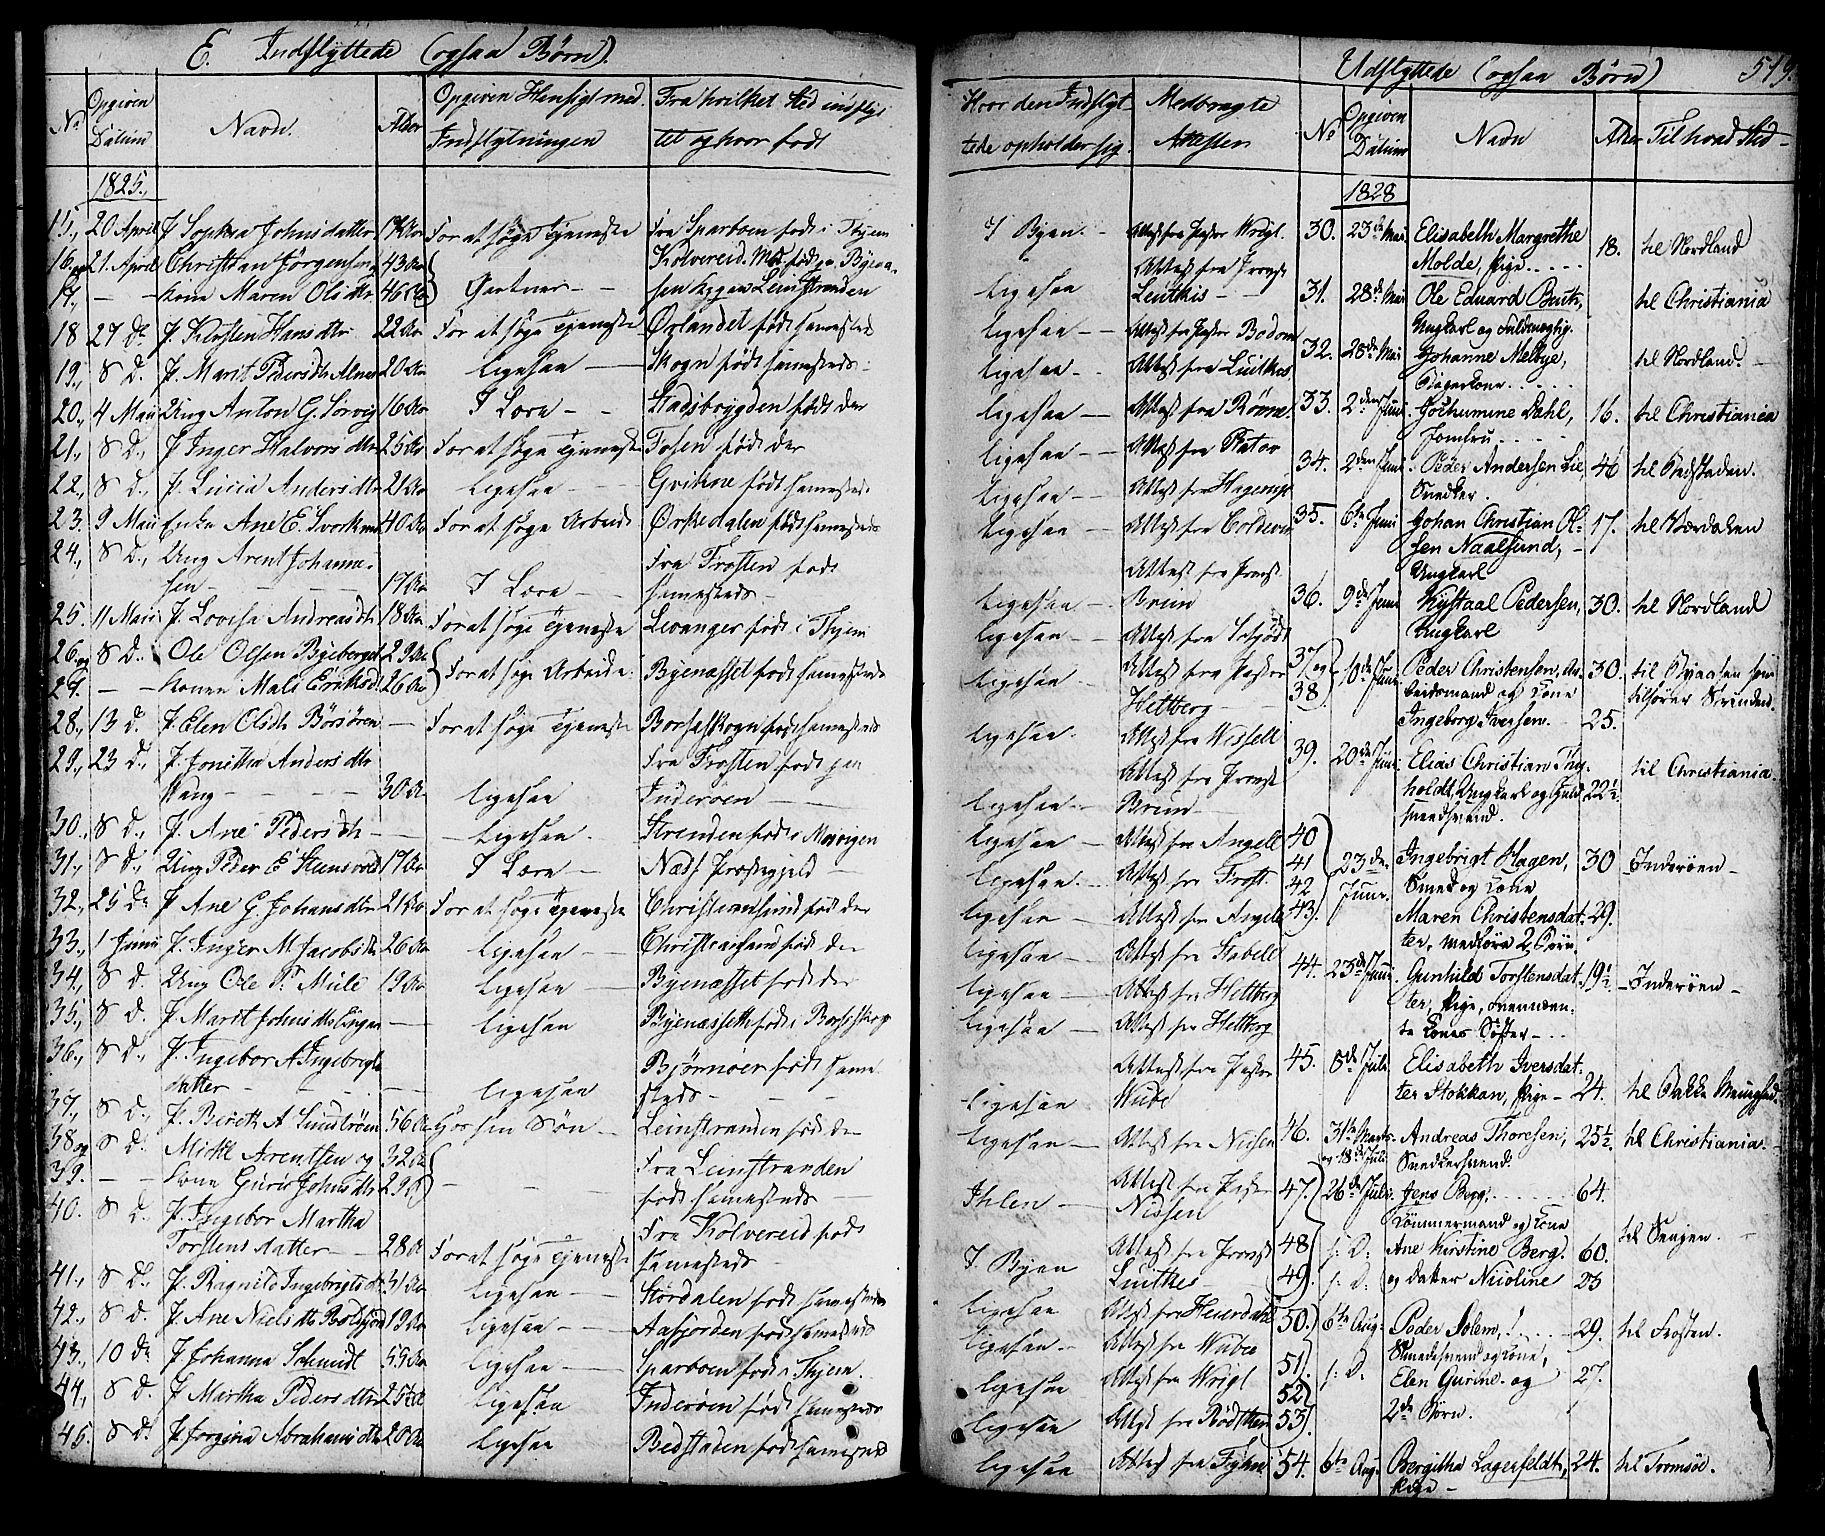 SAT, Ministerialprotokoller, klokkerbøker og fødselsregistre - Sør-Trøndelag, 601/L0045: Ministerialbok nr. 601A13, 1821-1831, s. 519